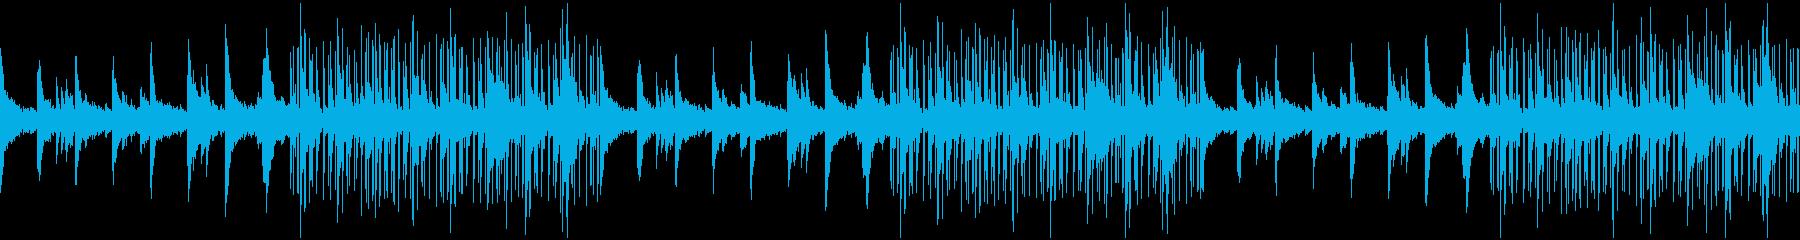 秋、紅葉、Lofi HipHopの再生済みの波形